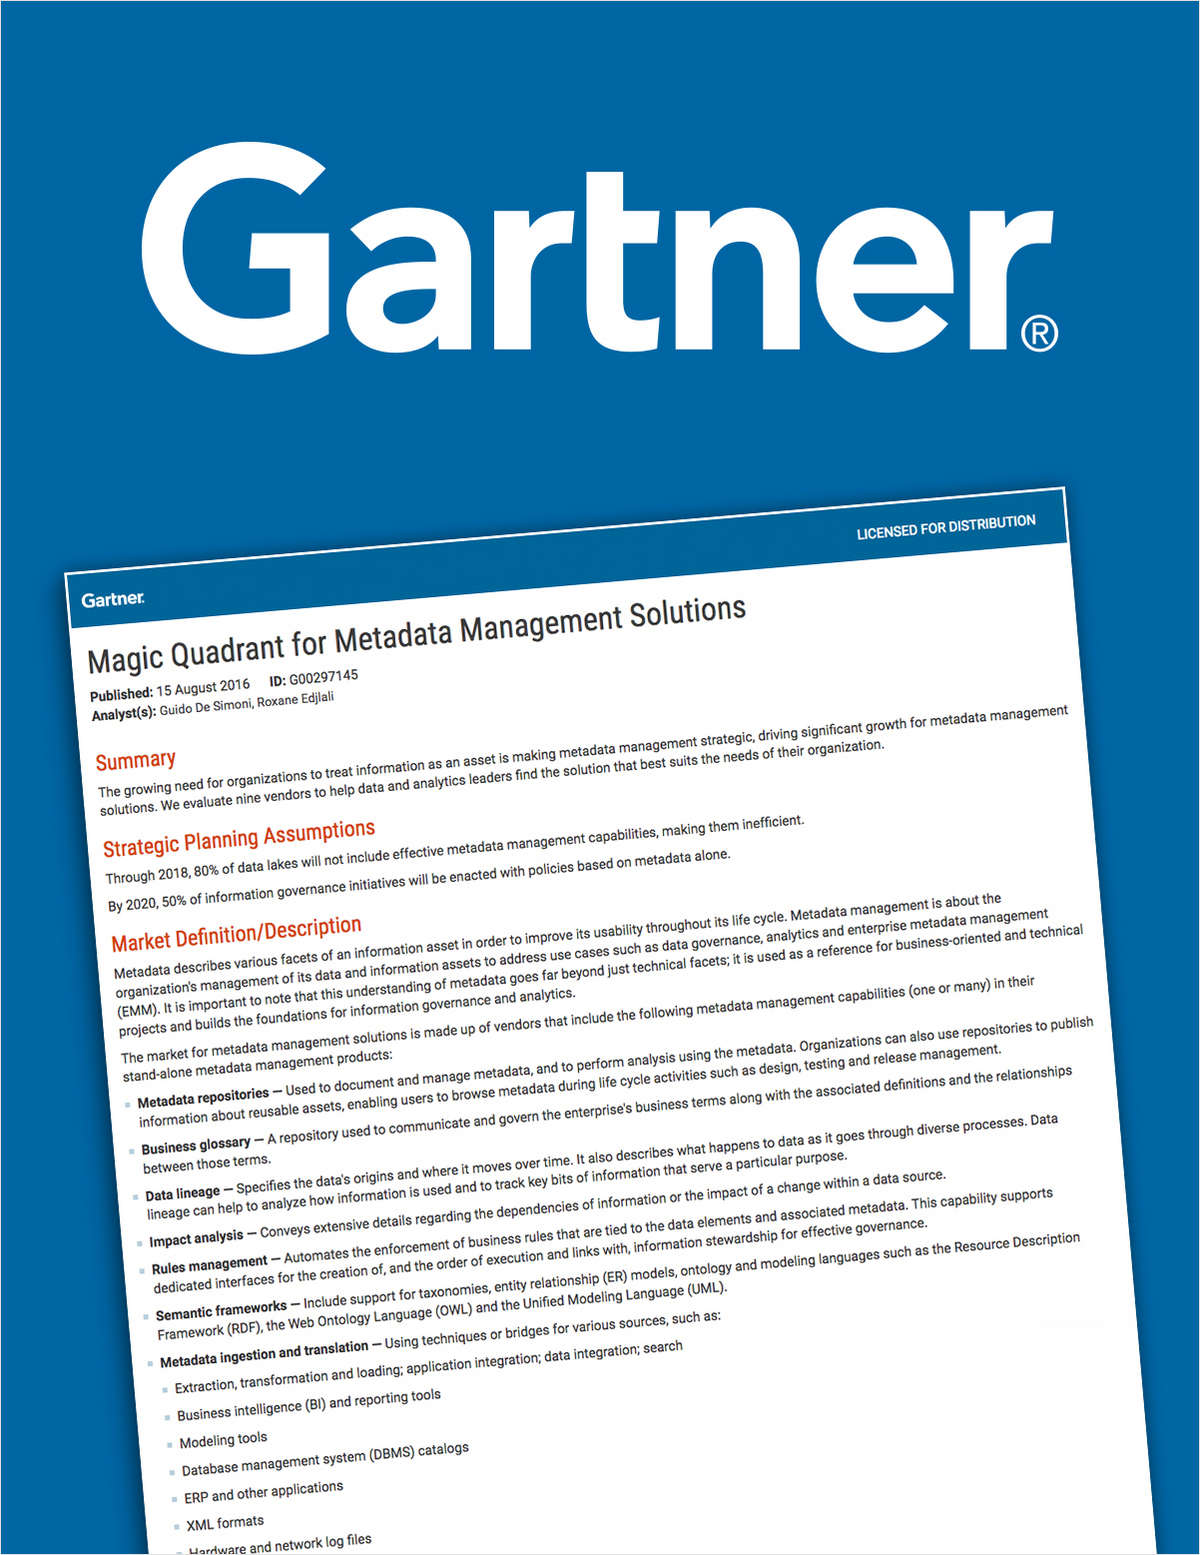 2016 Gartner Magic Quadrant for Metadata Management Solutions